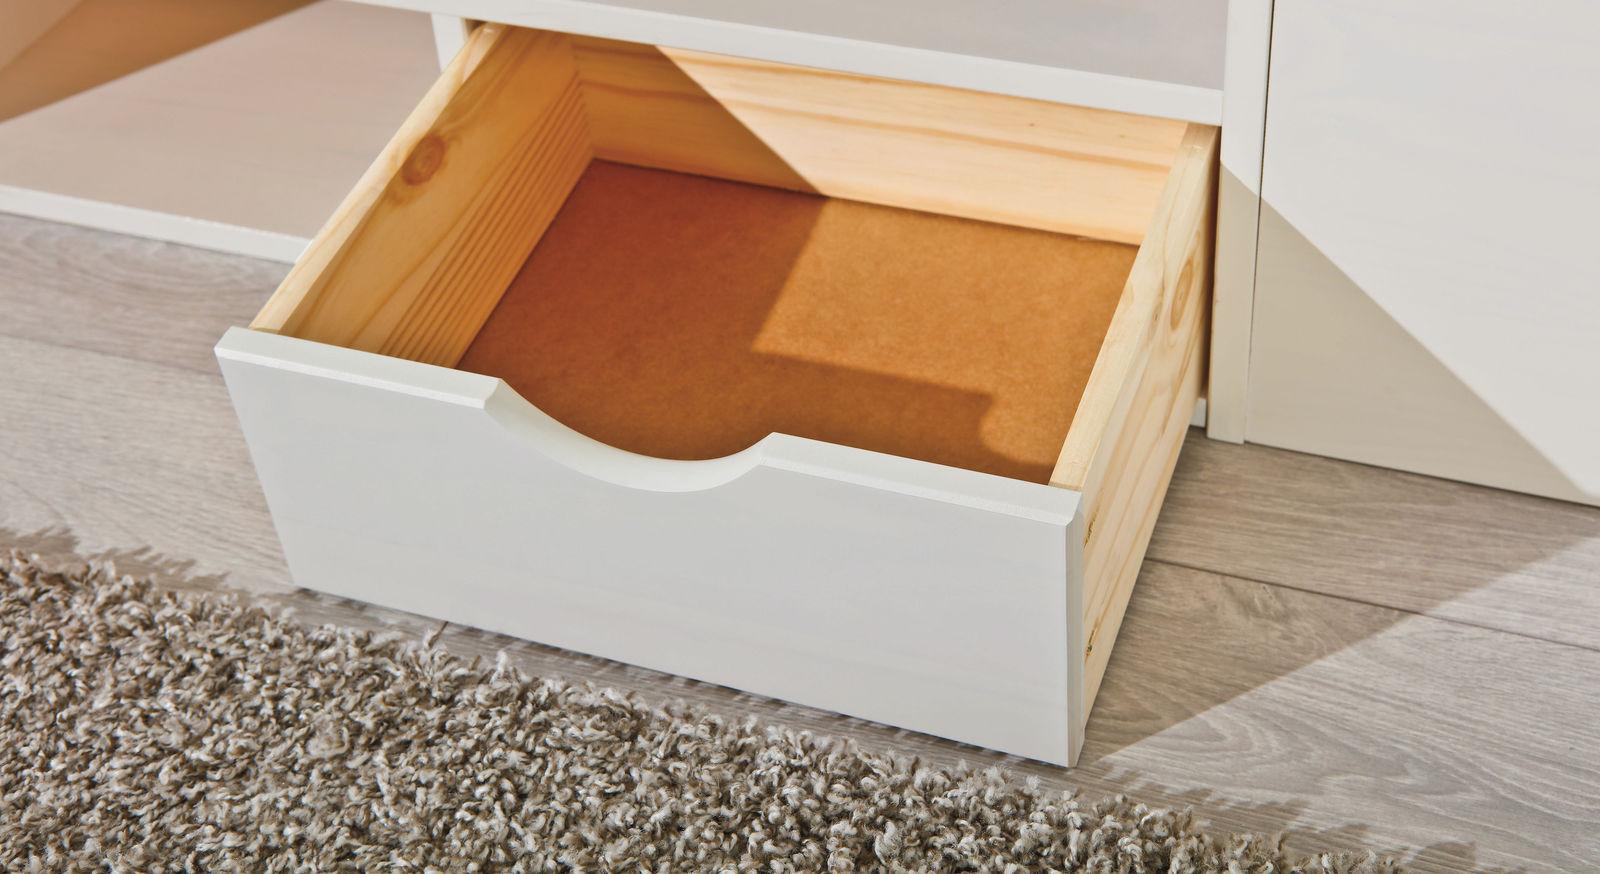 Schubkasten-Doppelbett Göteborg mit praktischer Schublade